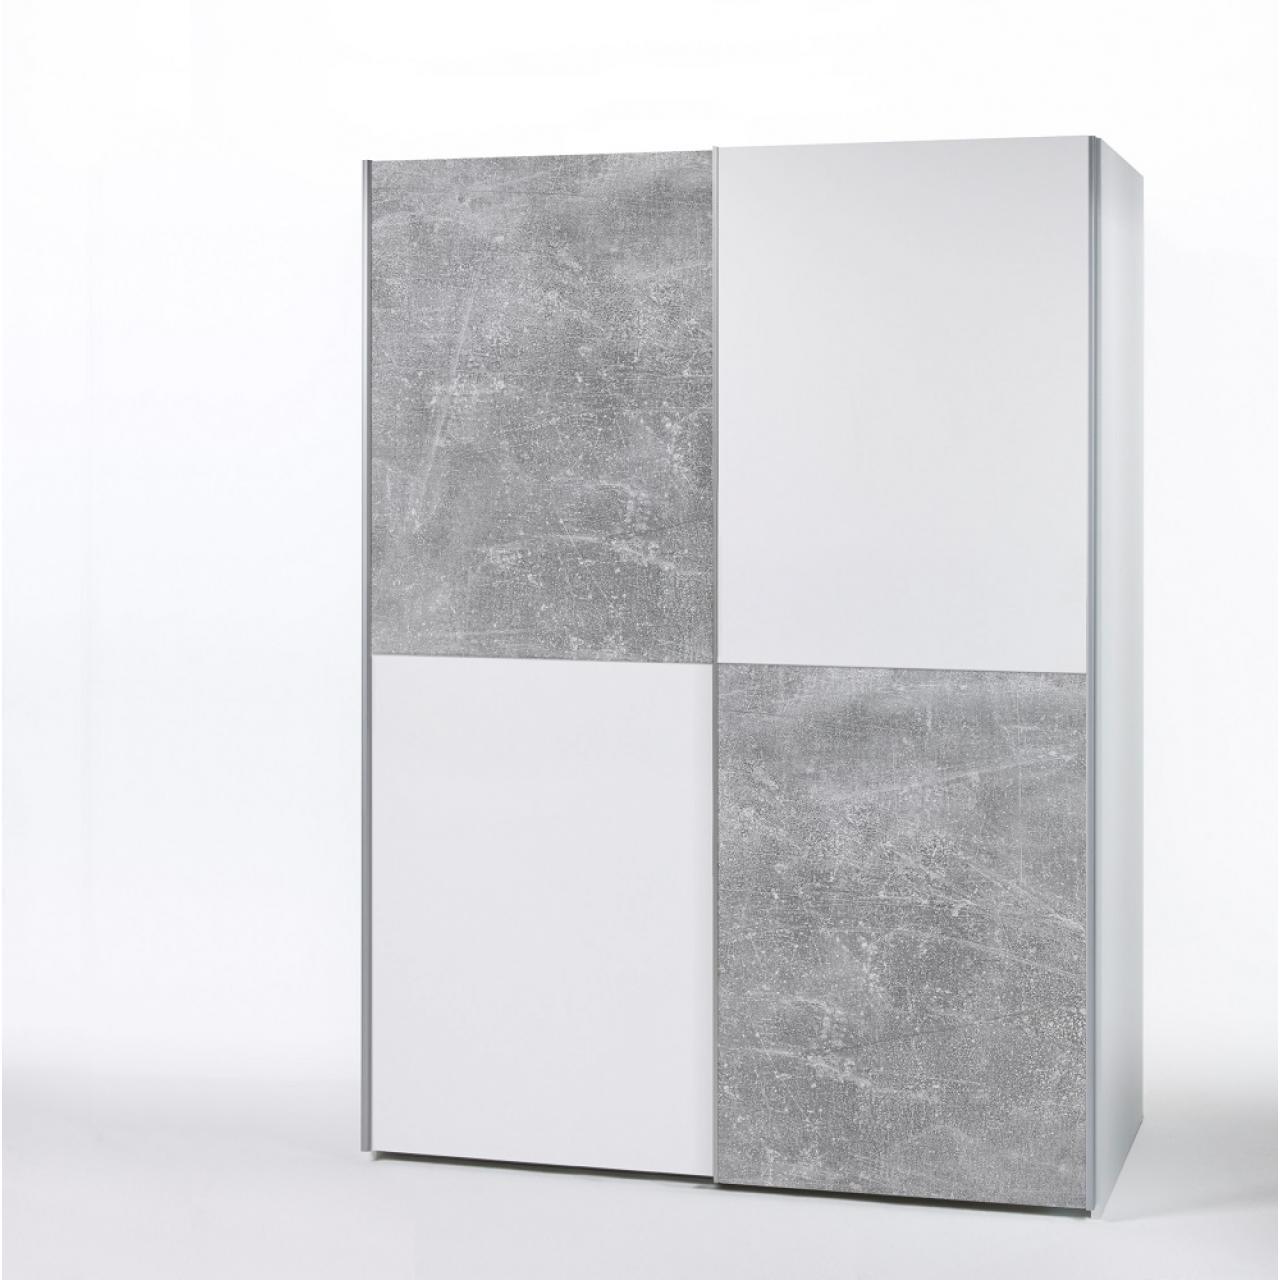 Schwebetürenschrank Puls Weiß Beton 2-türig Kleiderschrank MDF Dekorfolie